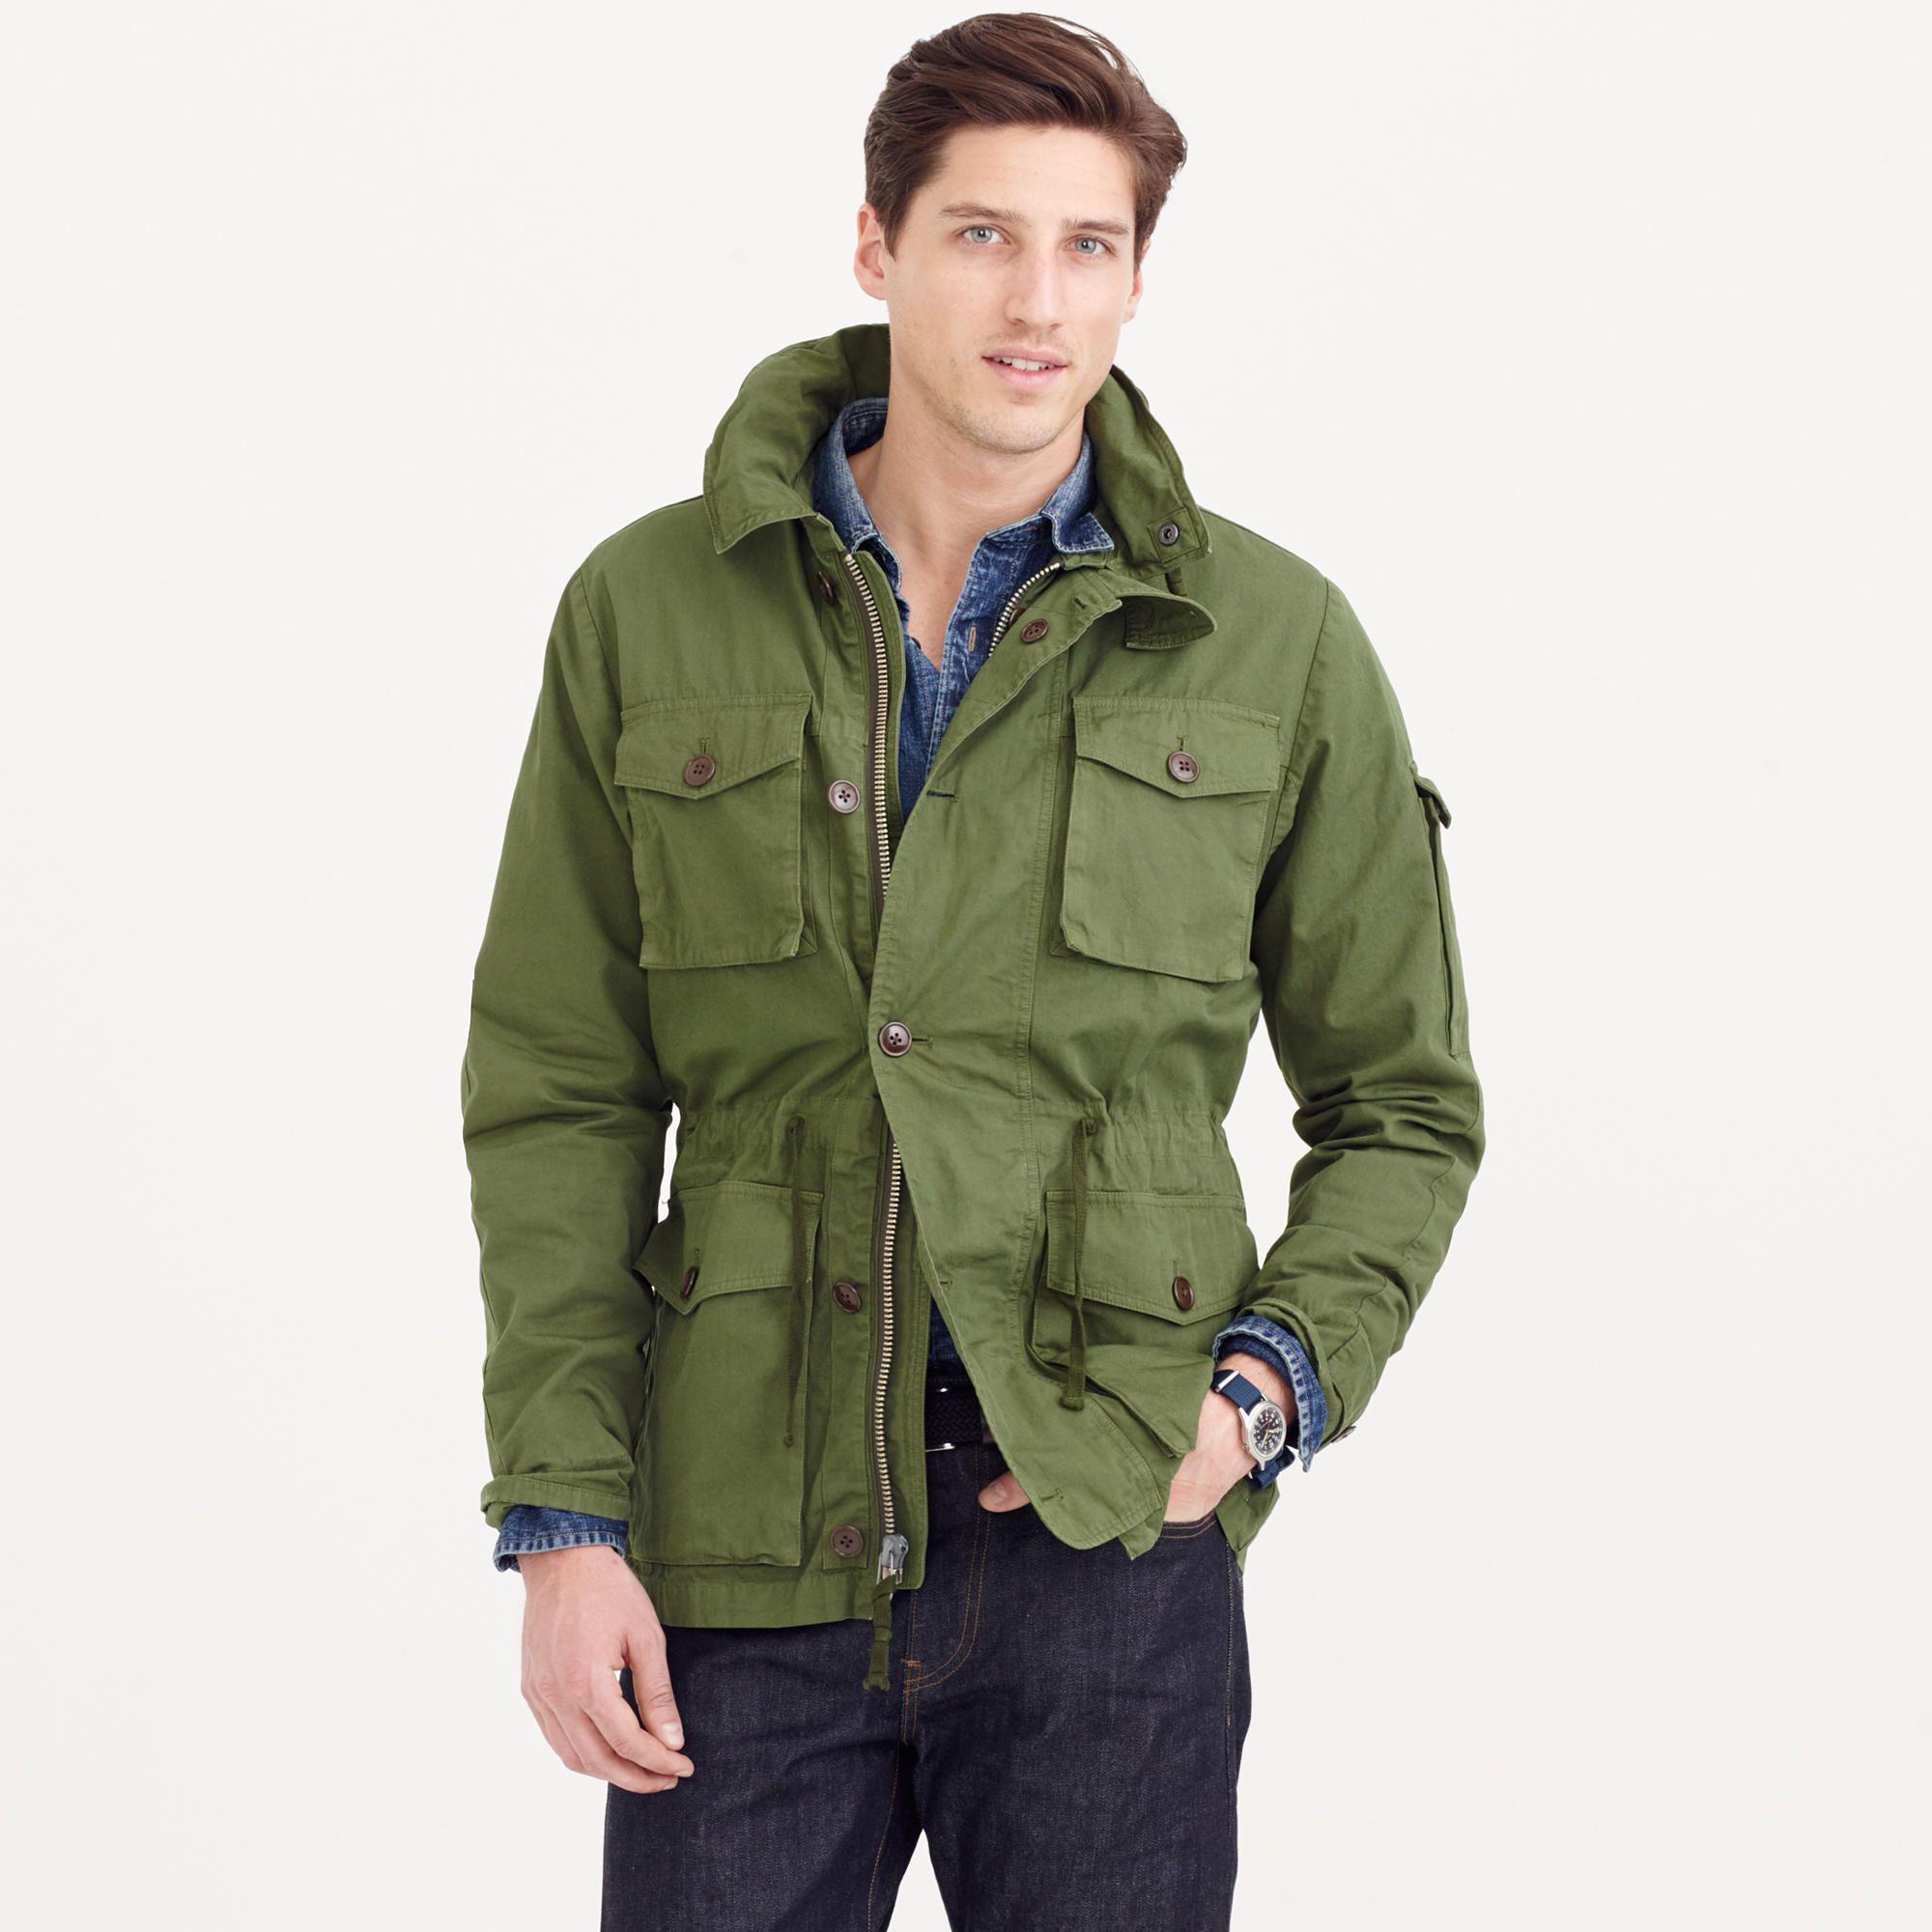 Field Mechanic Jacket : Men's Coats & Jackets | J.Crew | Field ...